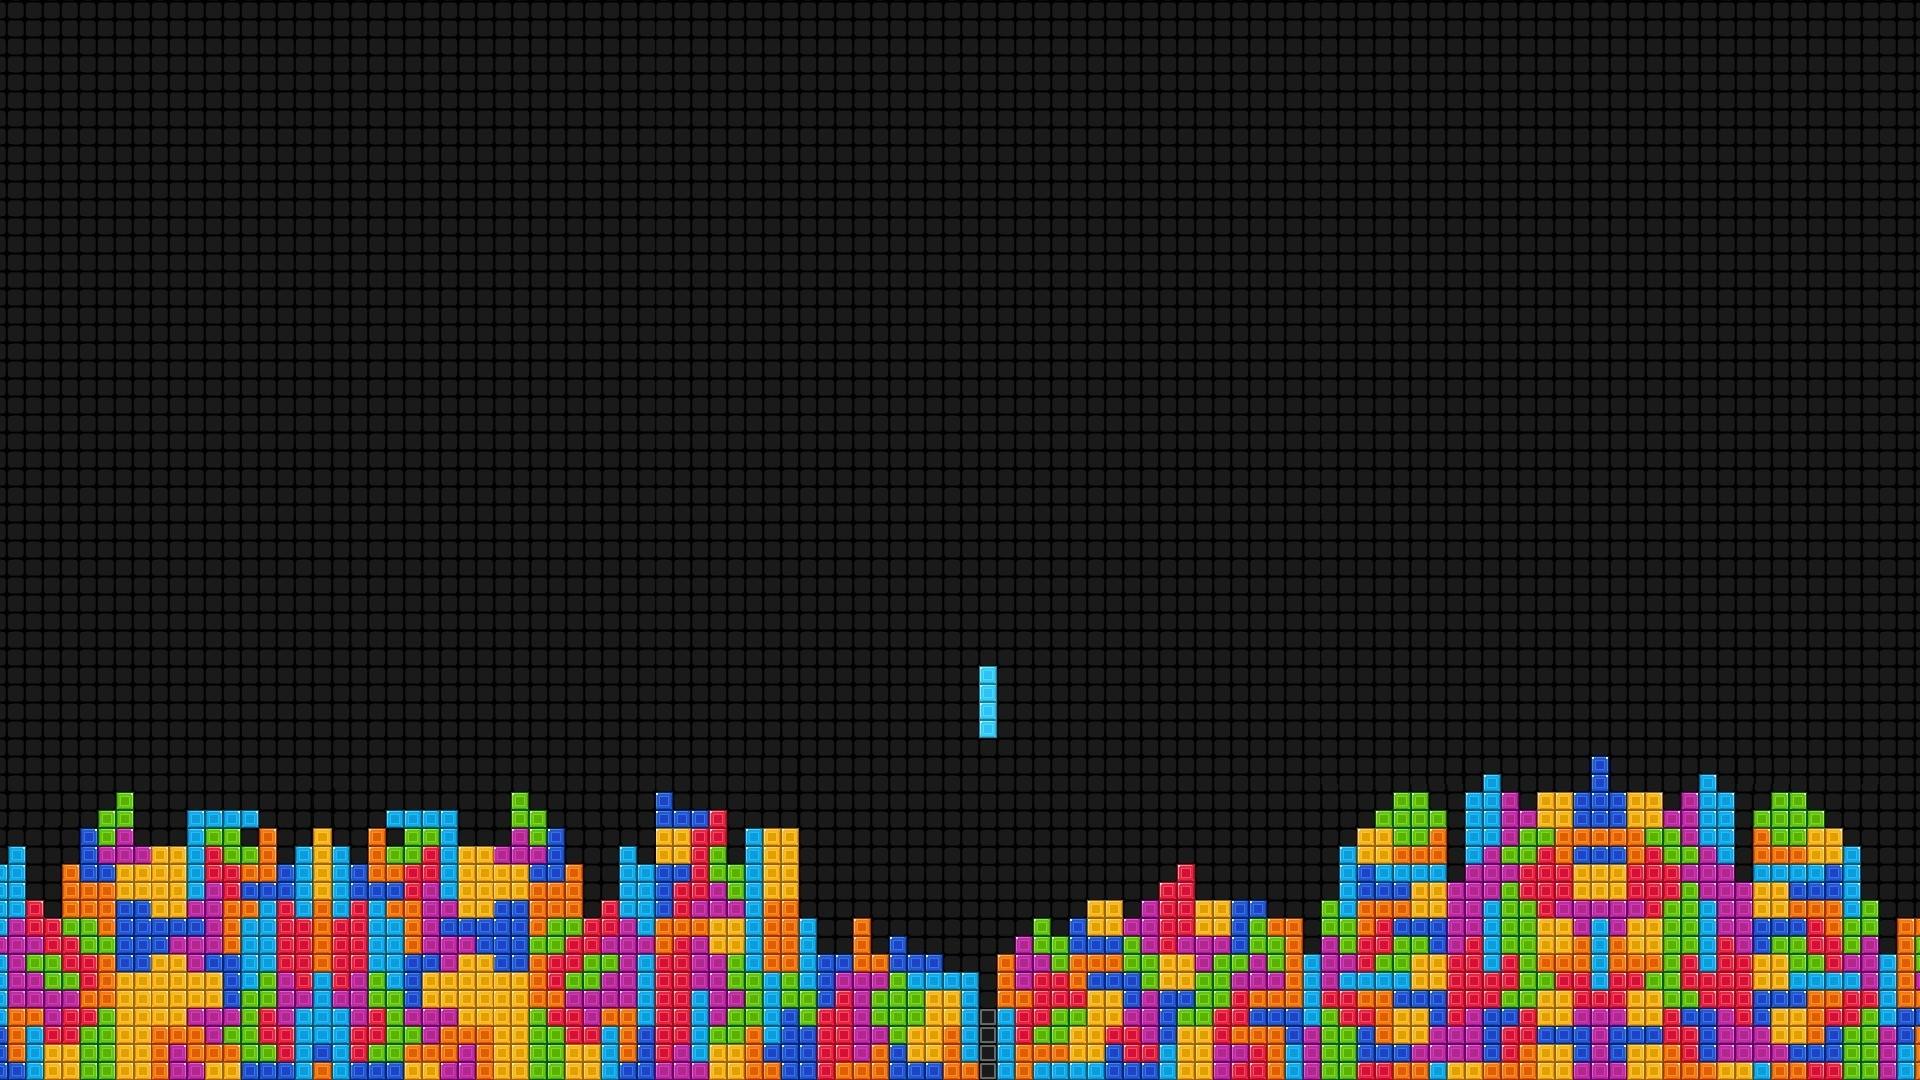 fantastic gaming desktop wallpapers te gaming desktop wallpapers hd